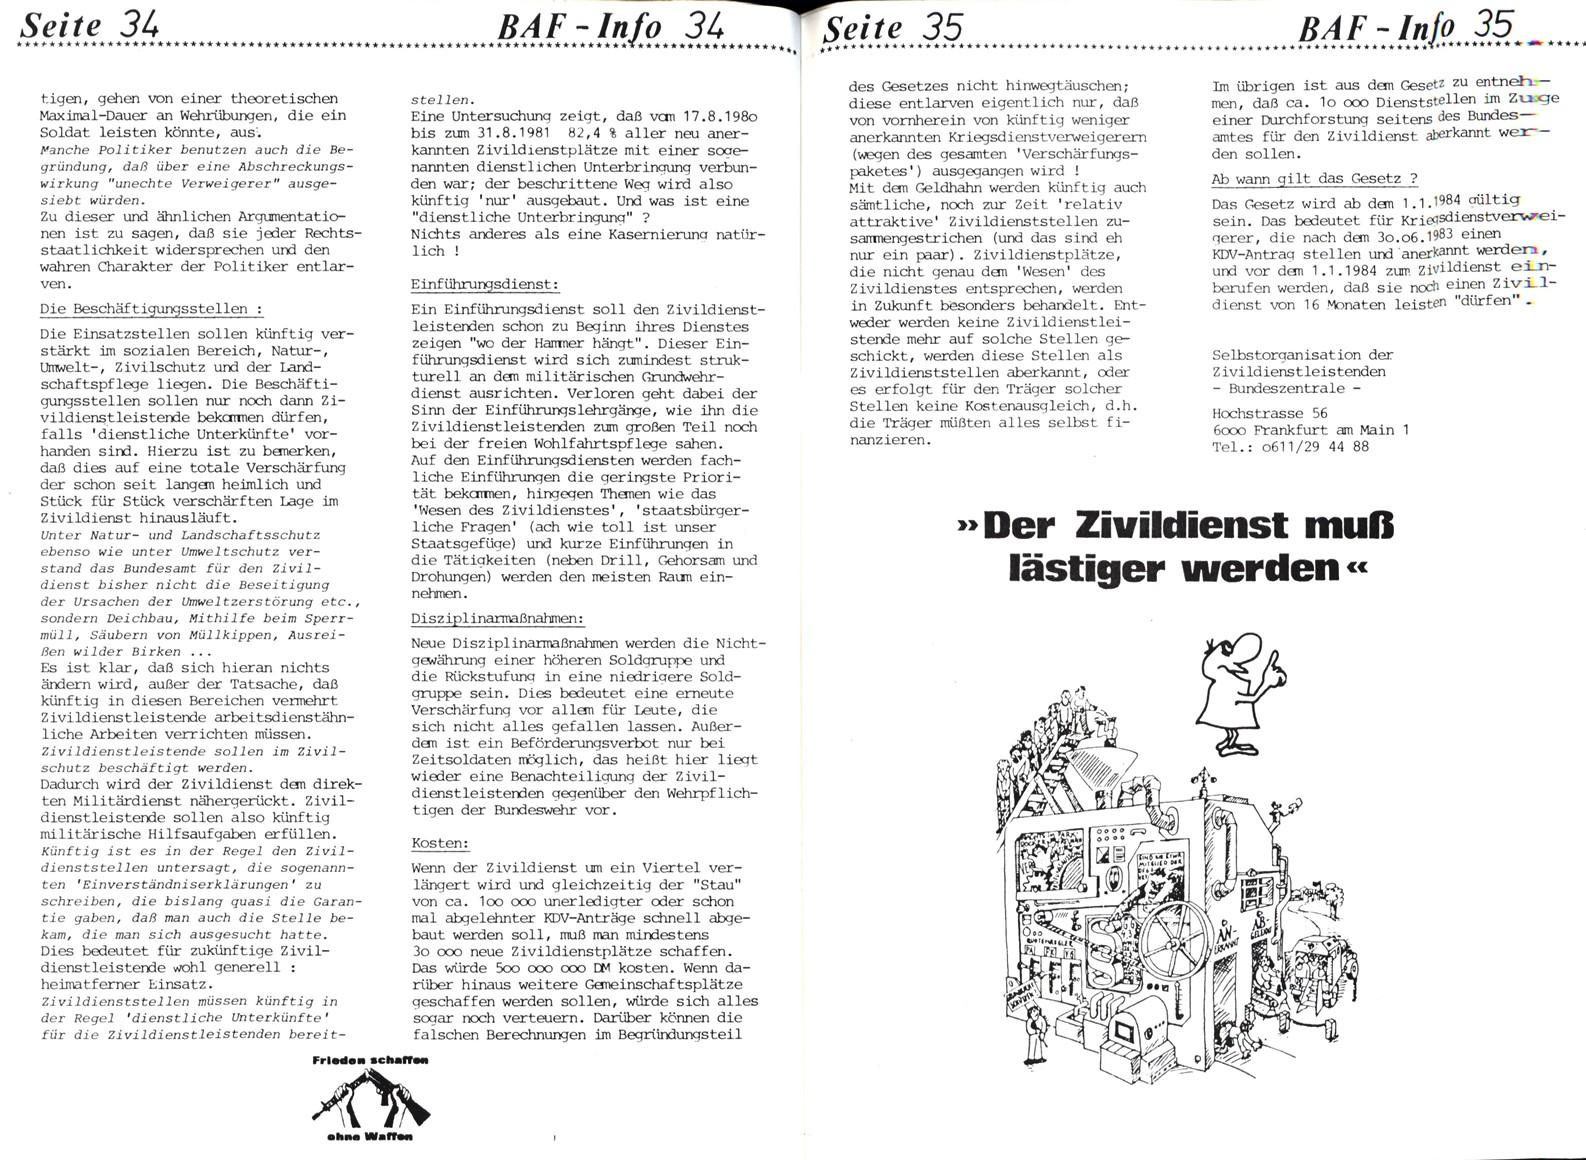 BAF_Info_02_19830100_18